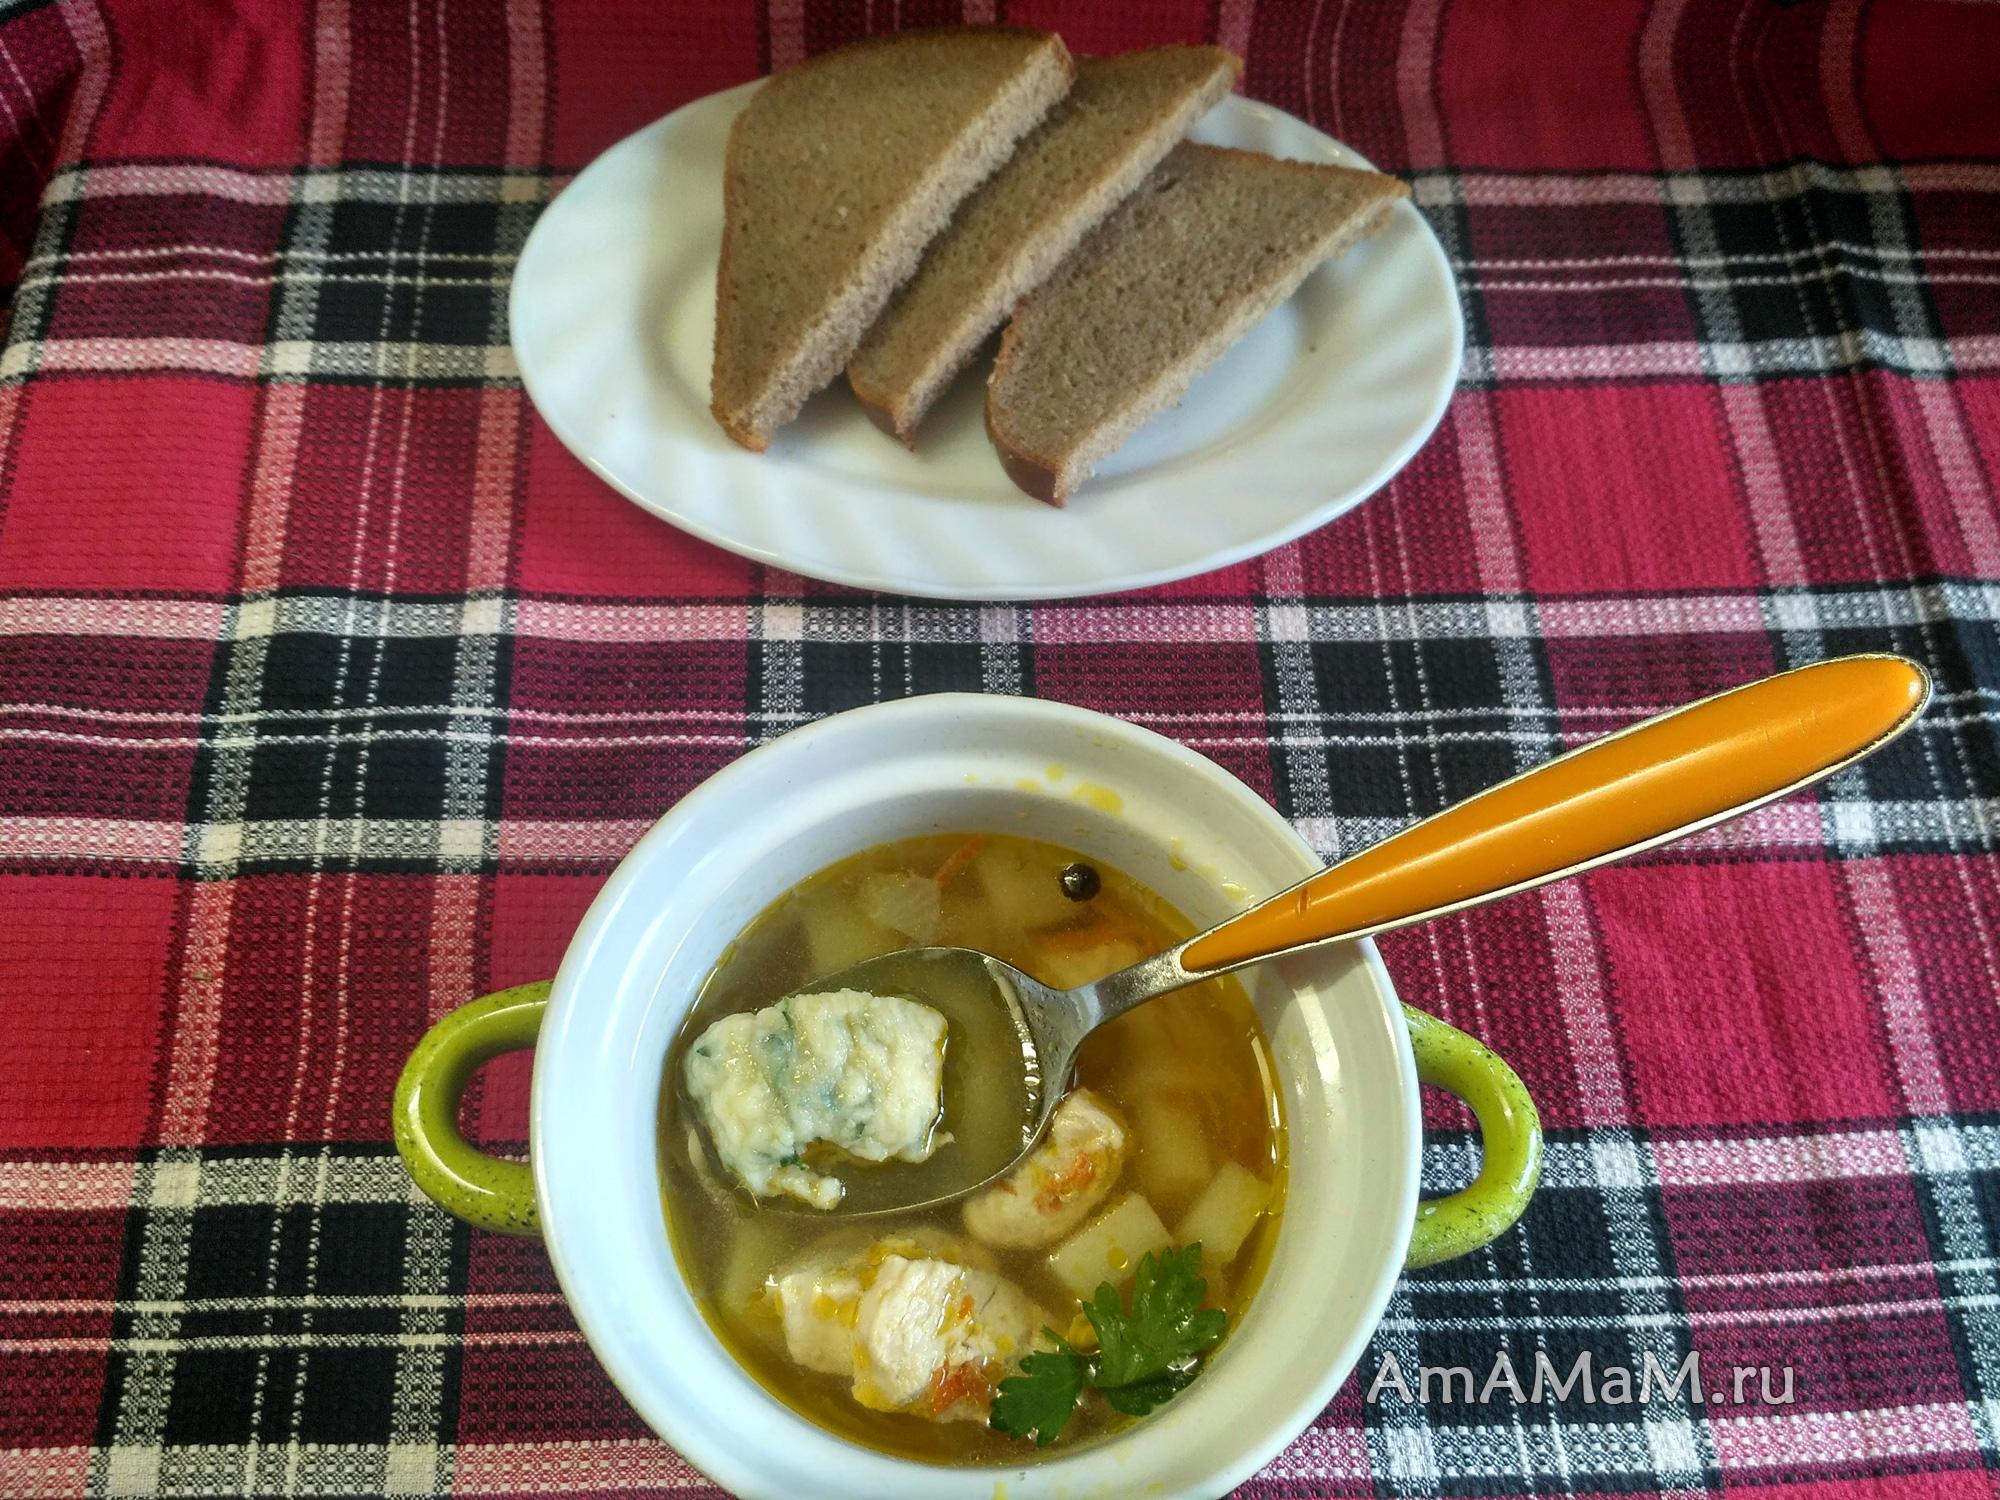 Как сделать галушки для супа: уникальный рецепт на t 33